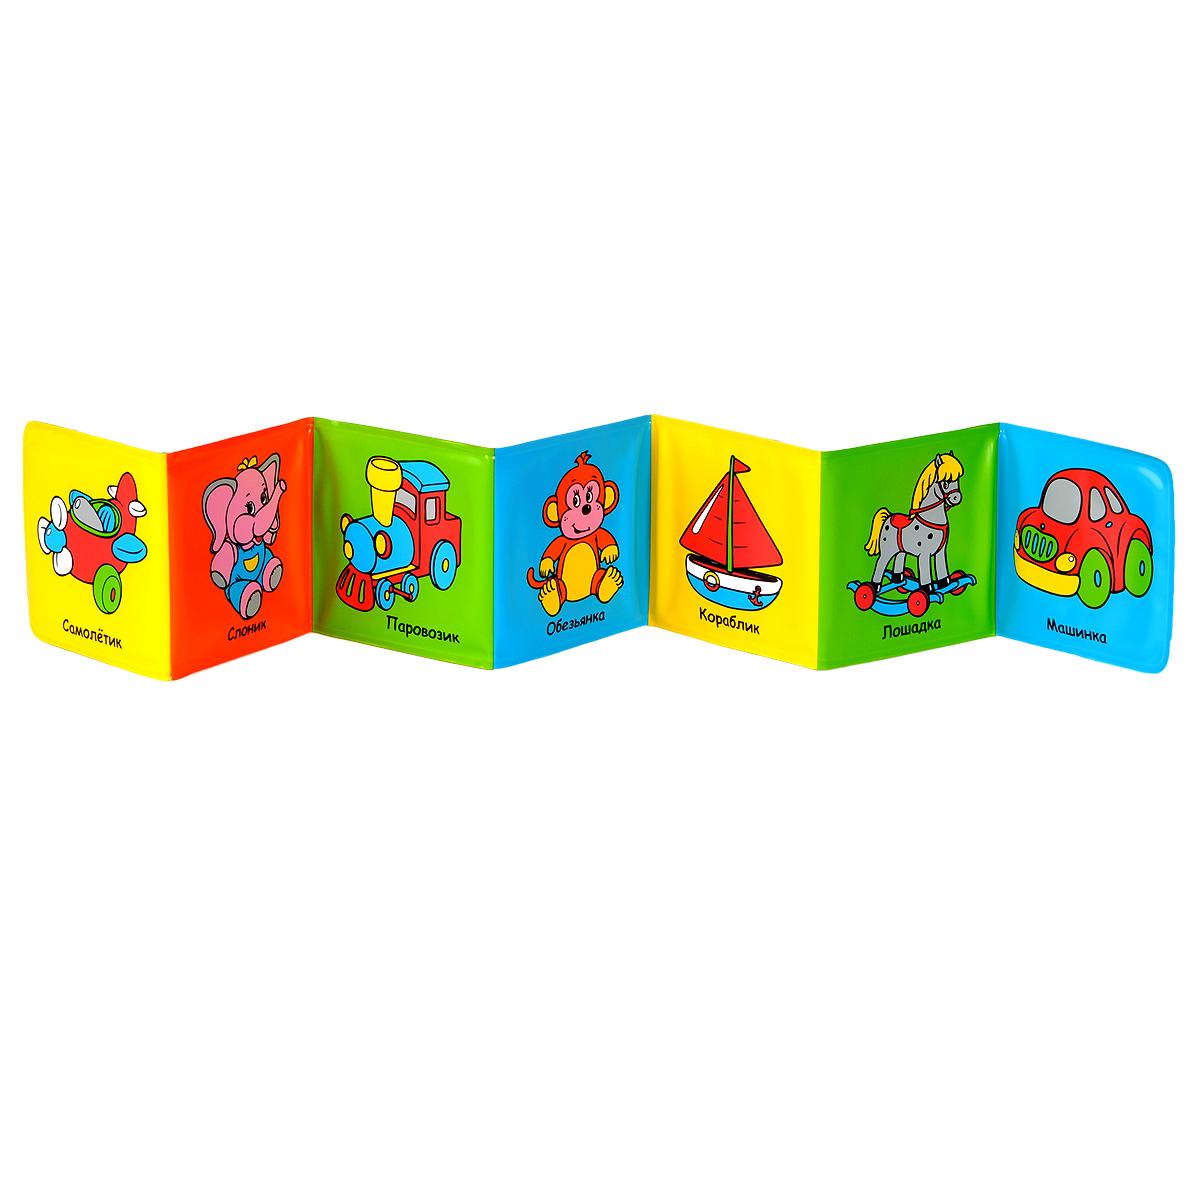 Мои игрушки. Крошка Енот. Книжка-раскладушка для ванной (миниатюрное издание)